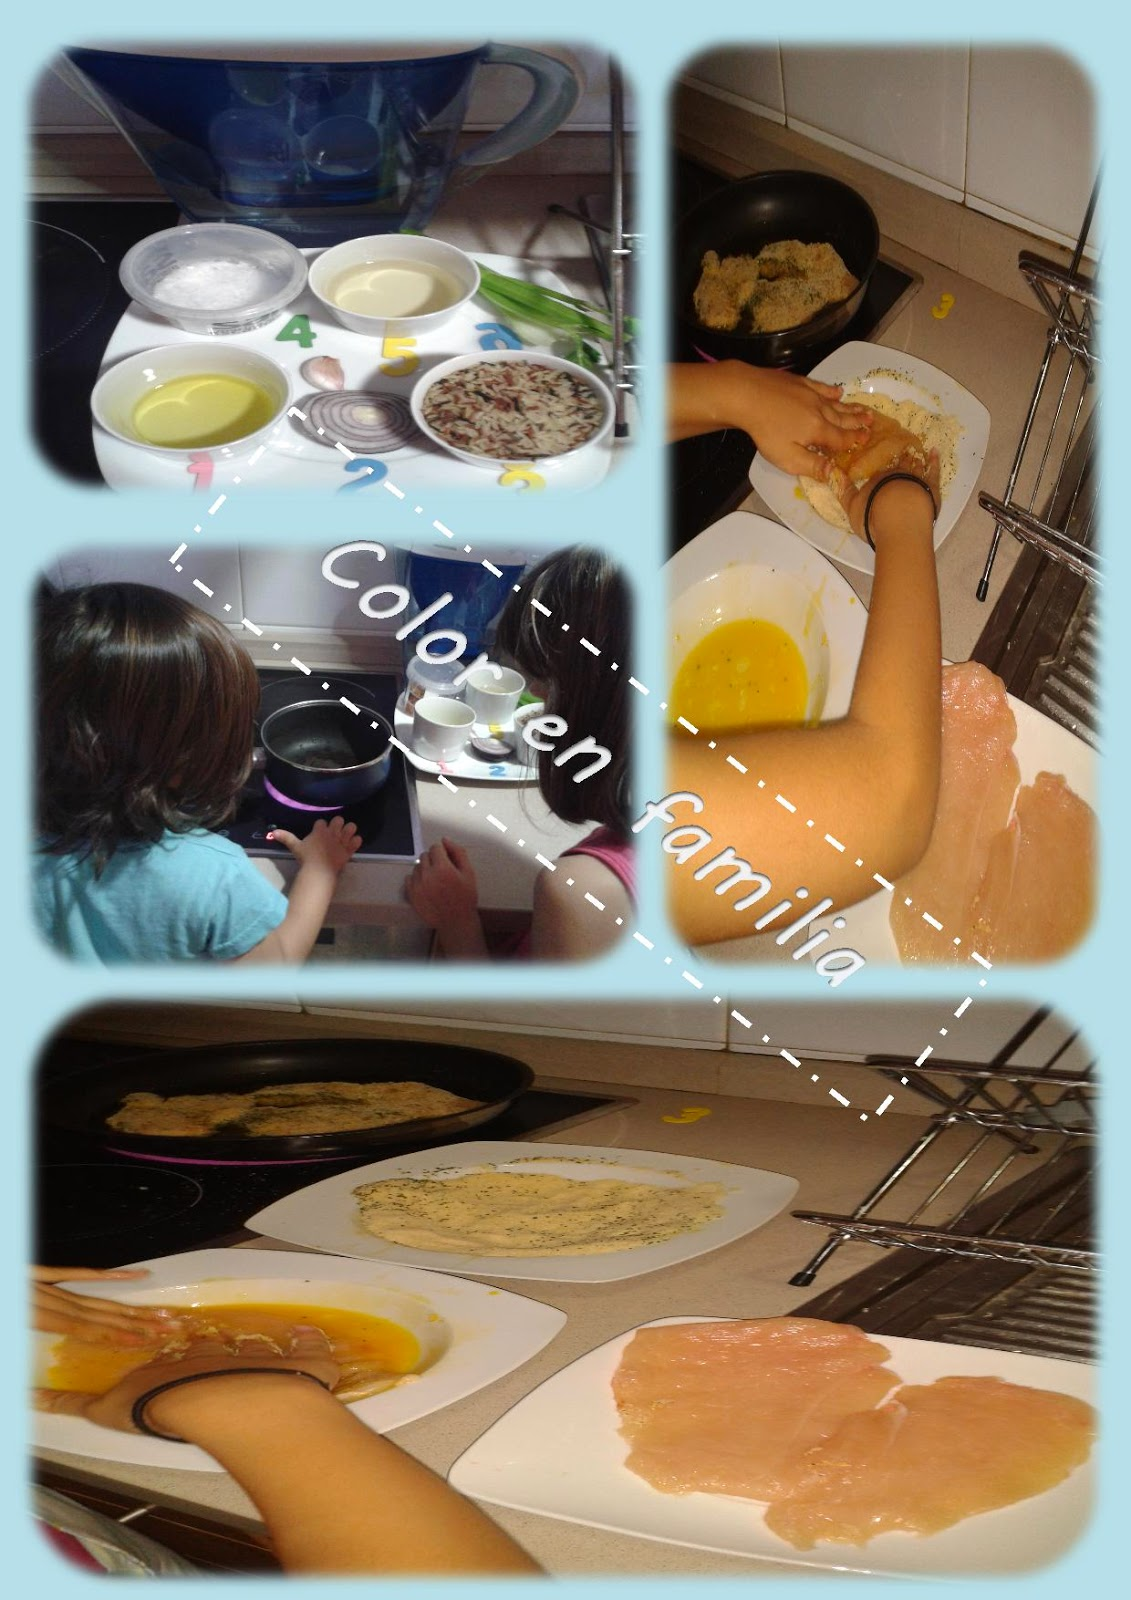 http://recetasdecolor.blogspot.com.es/2014/05/arroz-basmati-y-pechuga-de-pollo.html